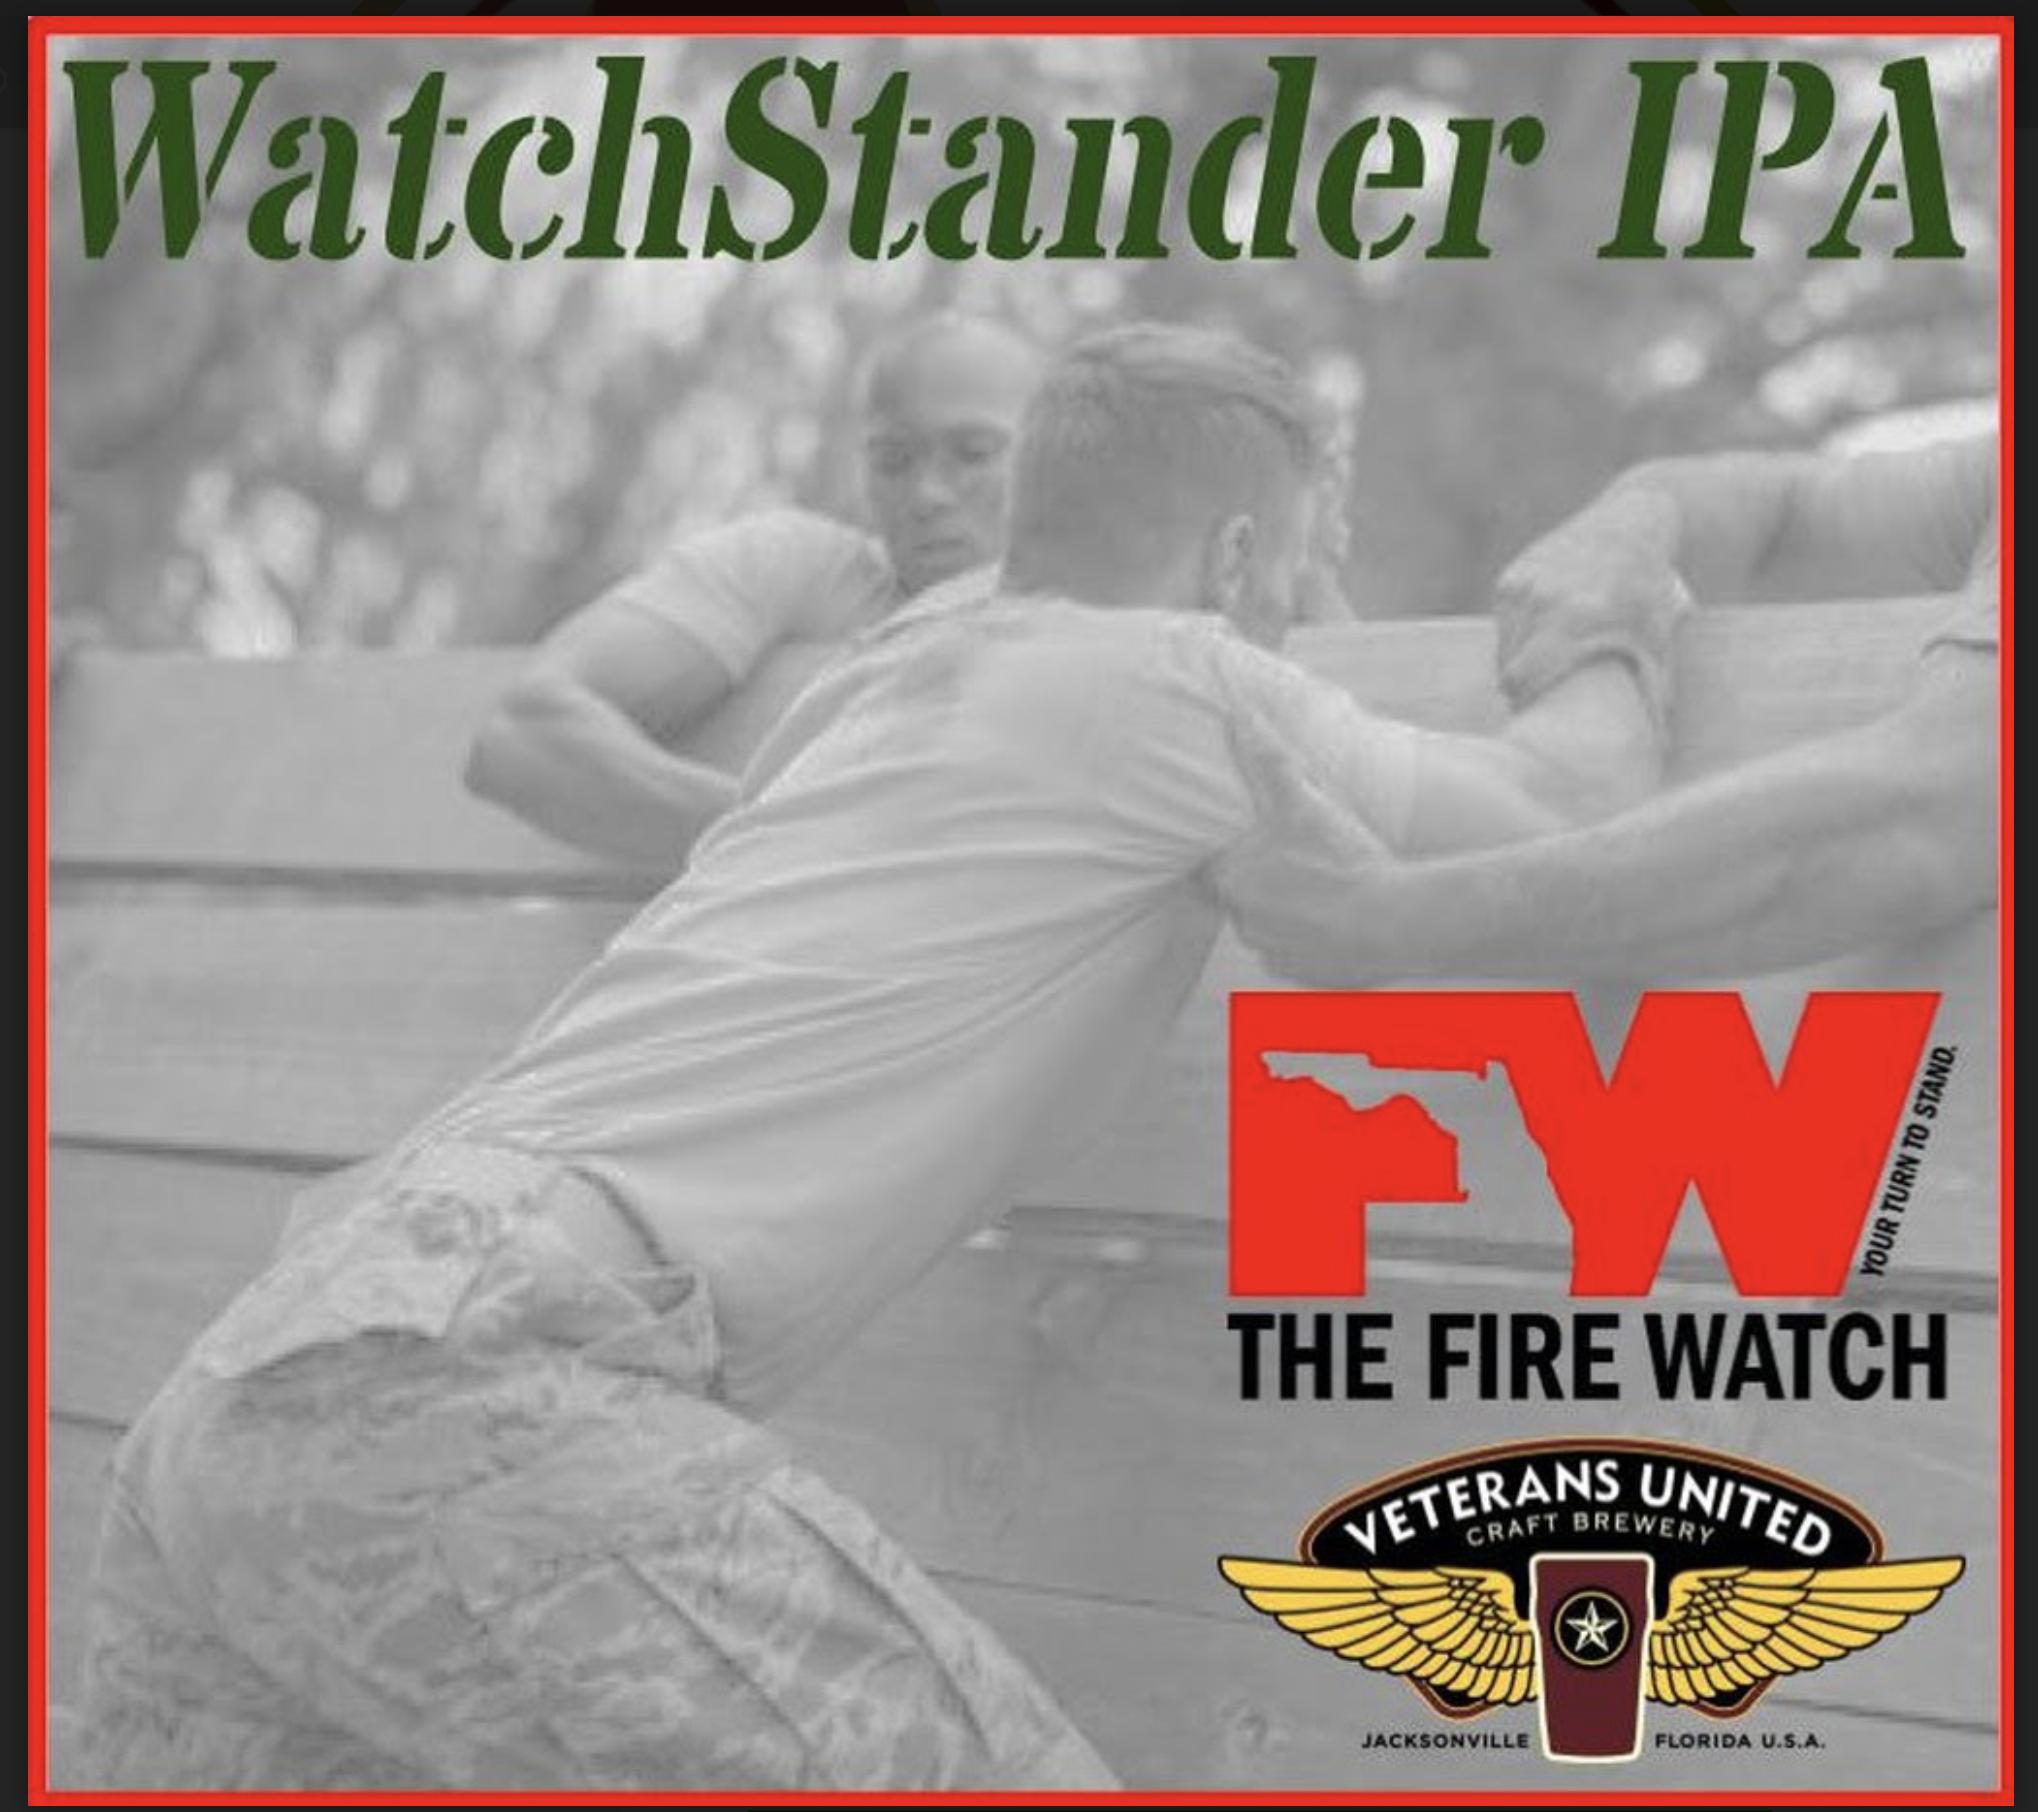 Veterans United Brewery The WatchStander IPA